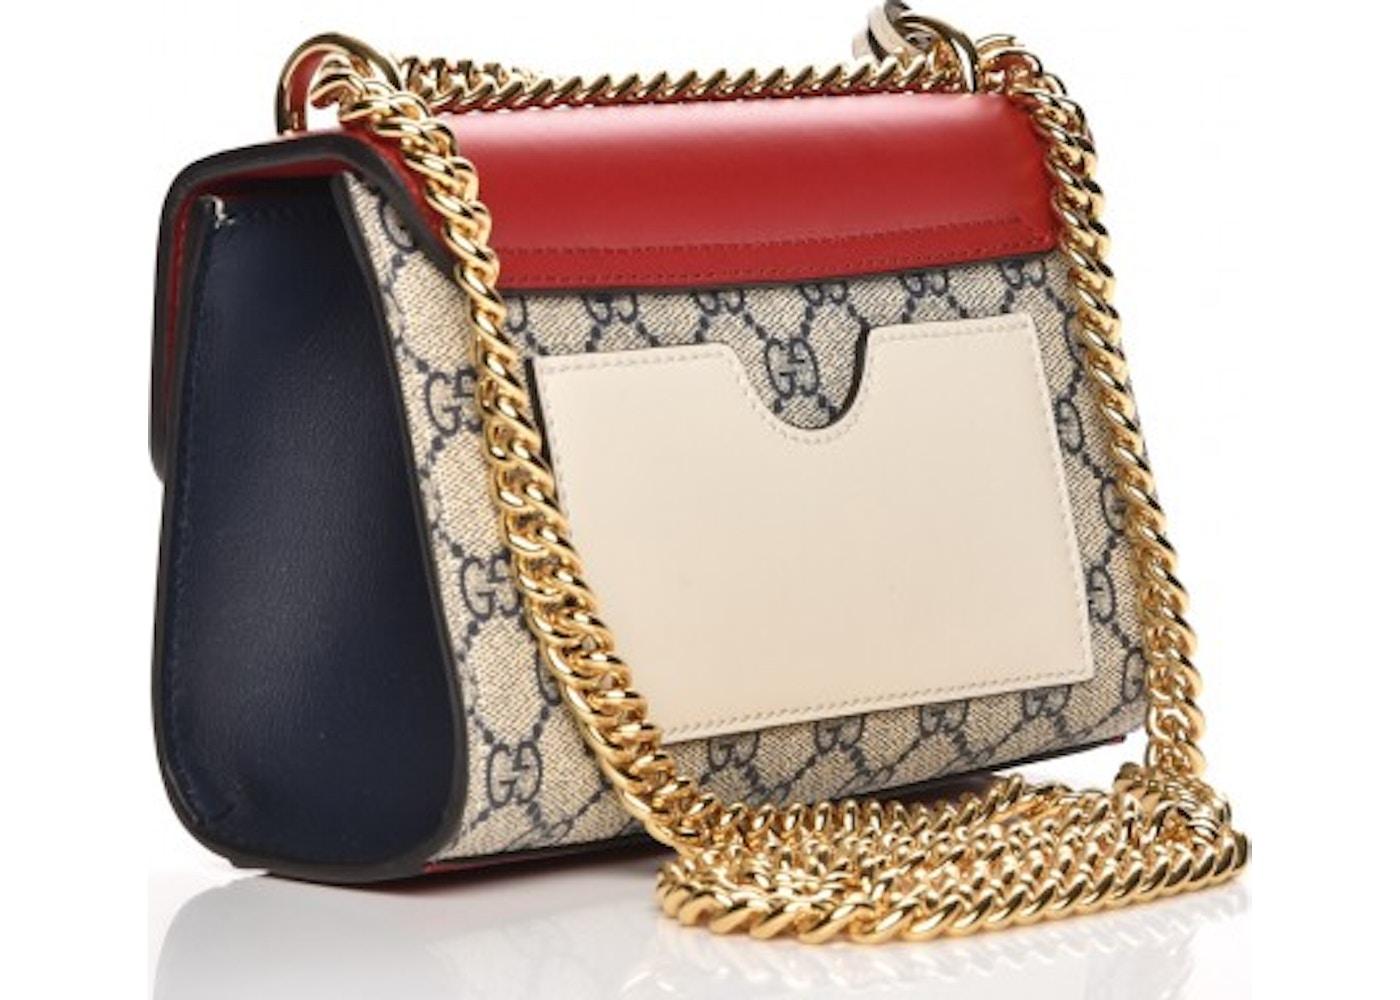 736a5d85 Gucci Padlock Shoulder Bag Monogram GG Supreme Small Navy/Beige/Red